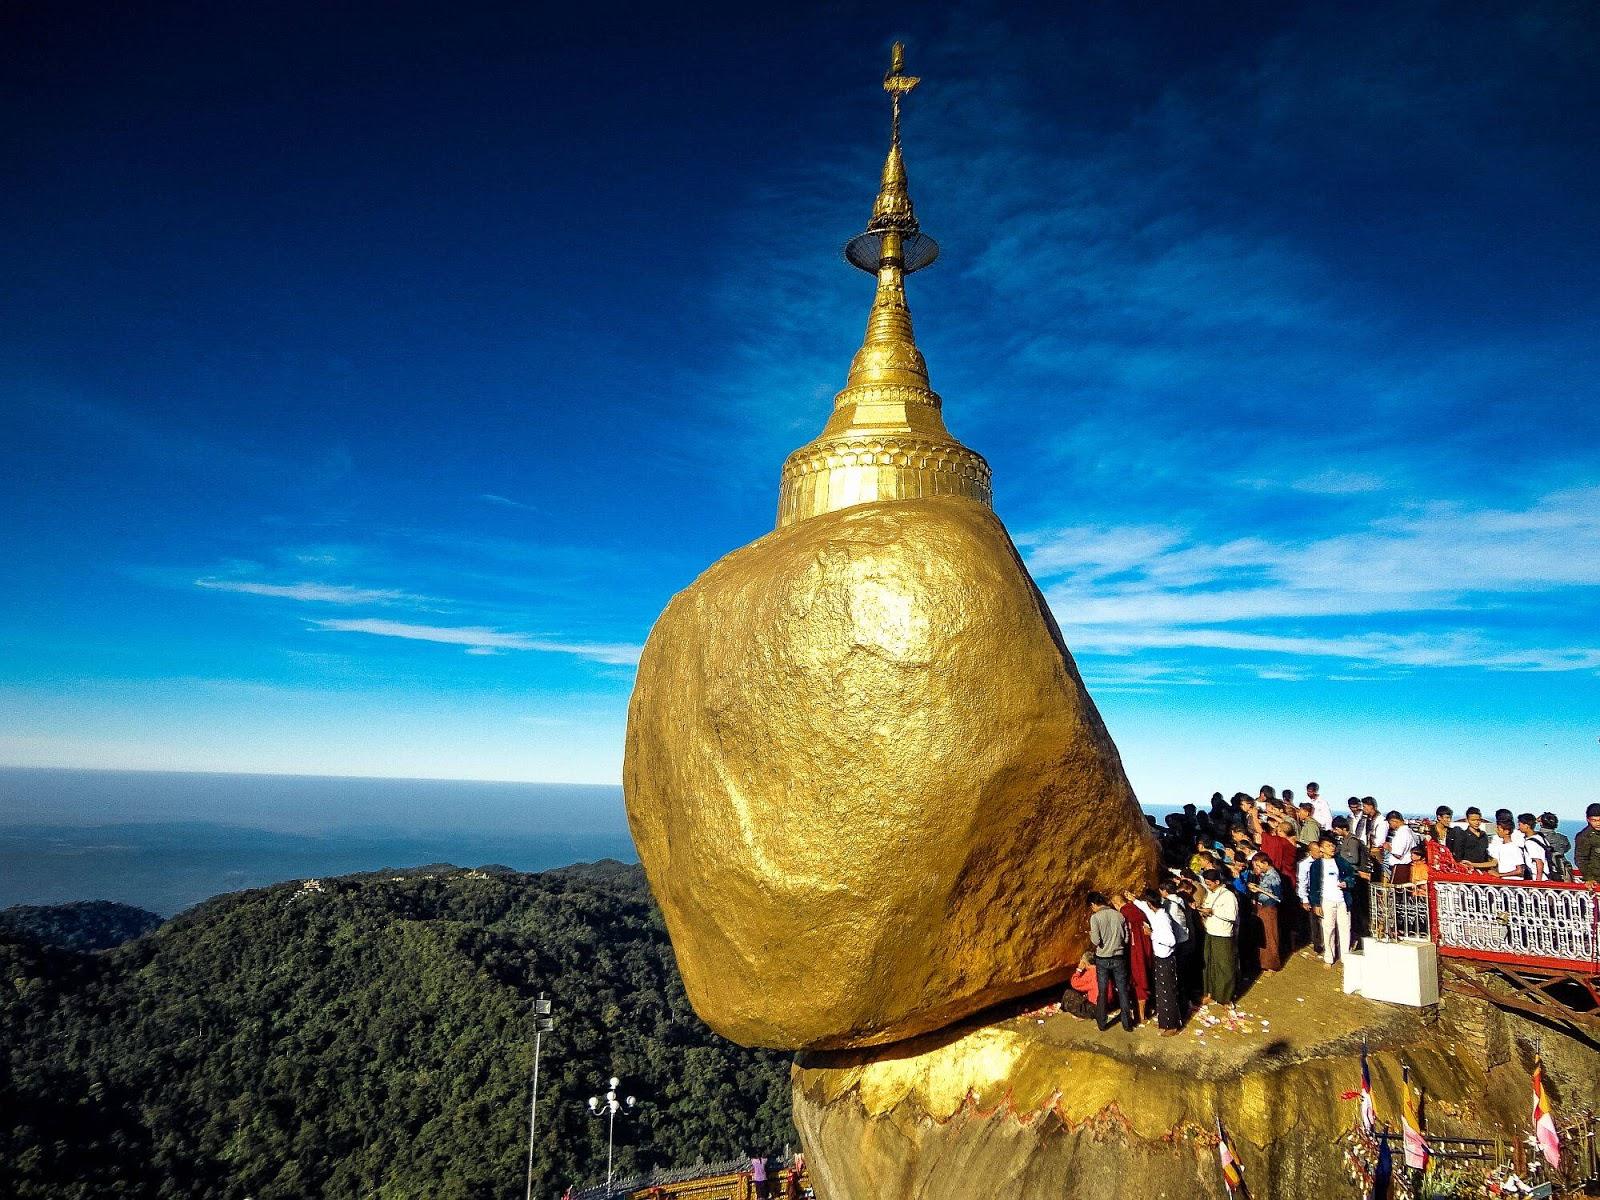 La roca dorada: Piedra sagrada con misterio divino